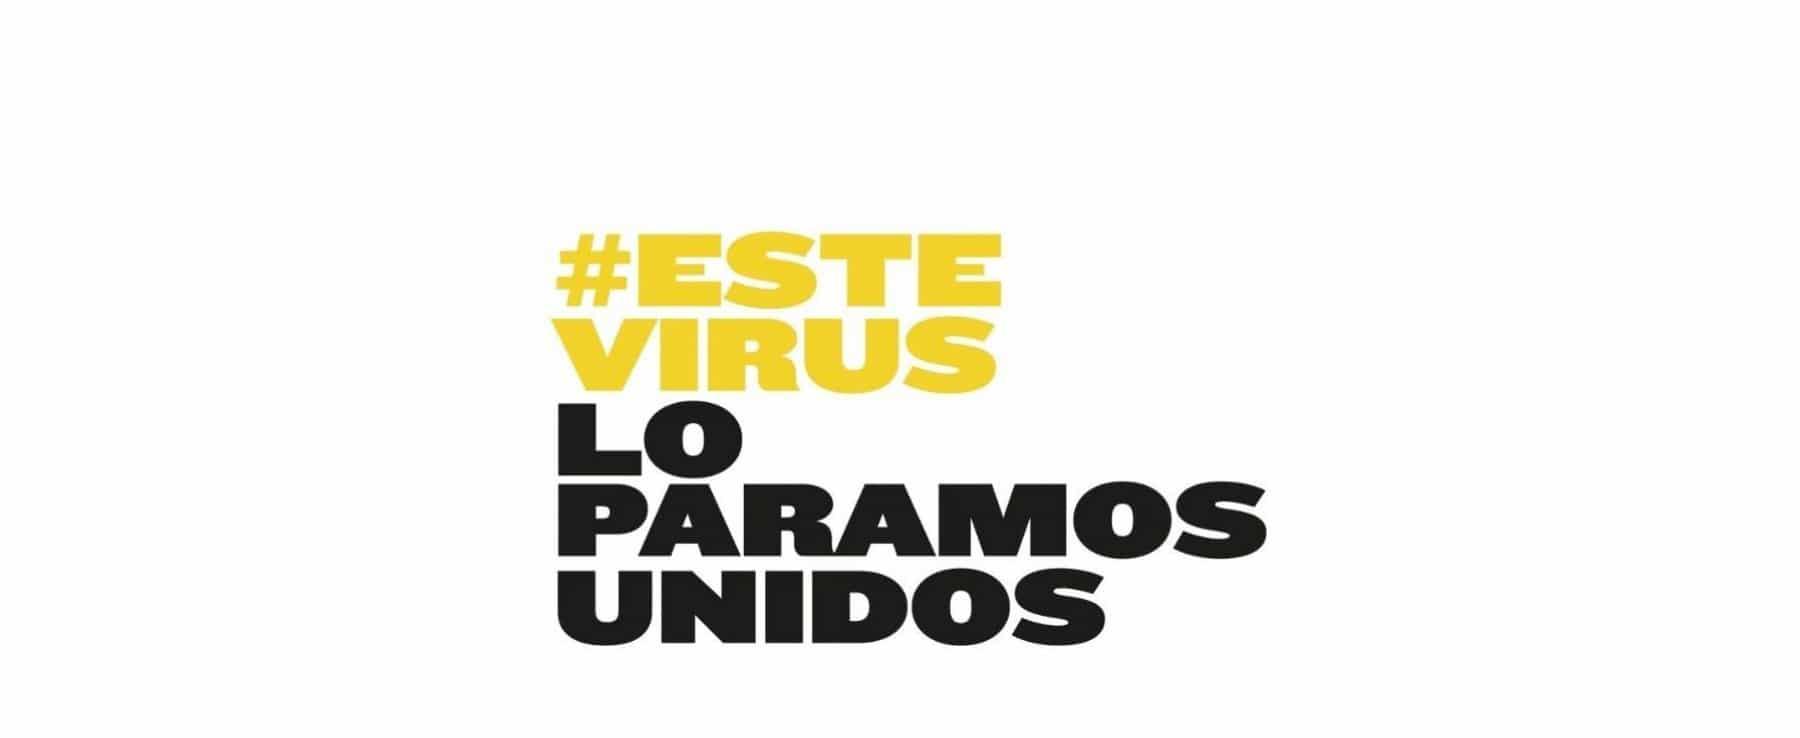 este-virus-lo-paramos-unidos